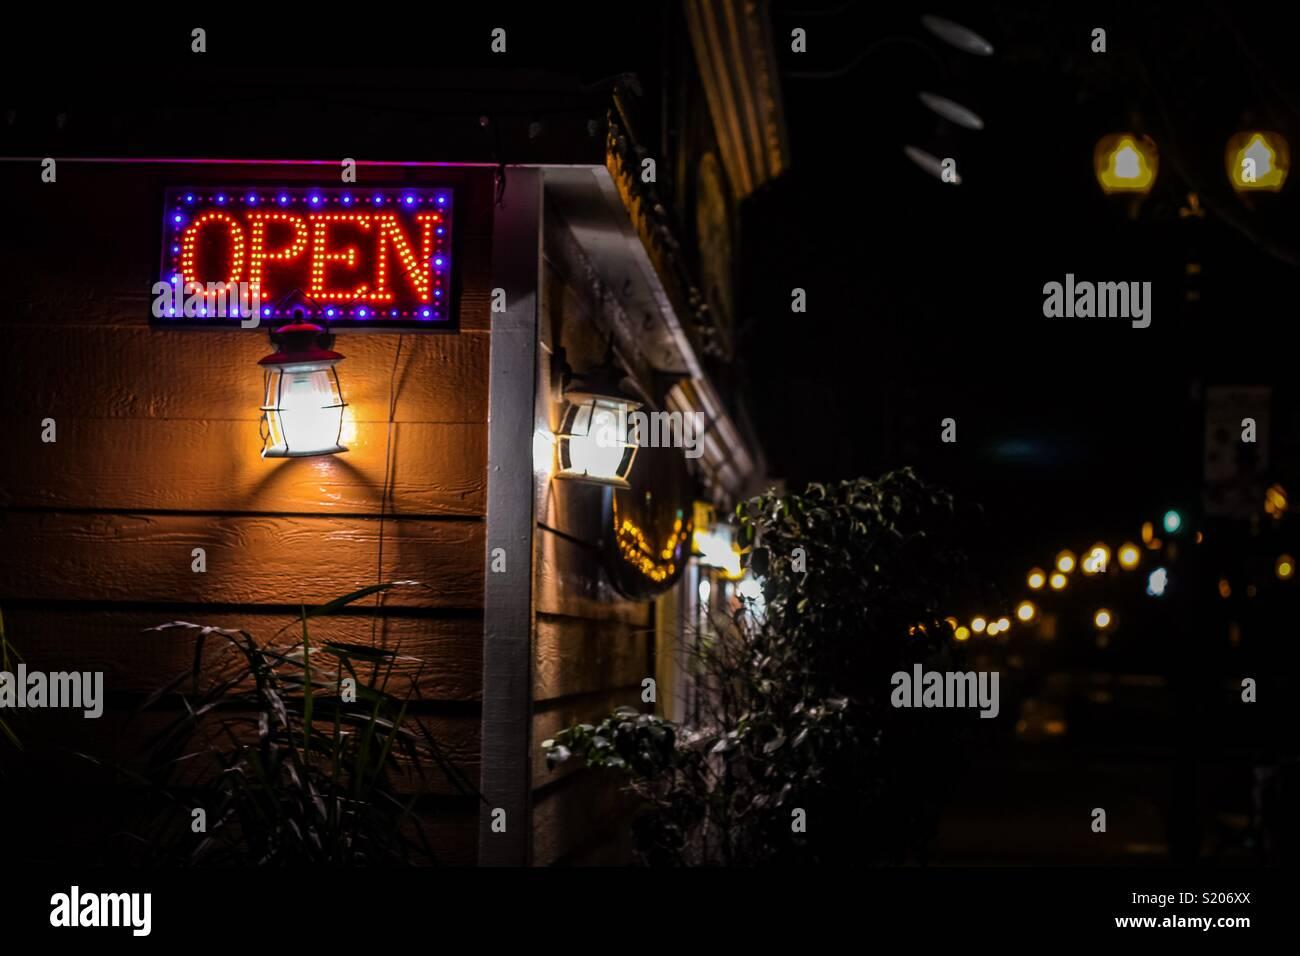 Lato aperto illuminato di notte in una piccola città con un vecchio decor Immagini Stock